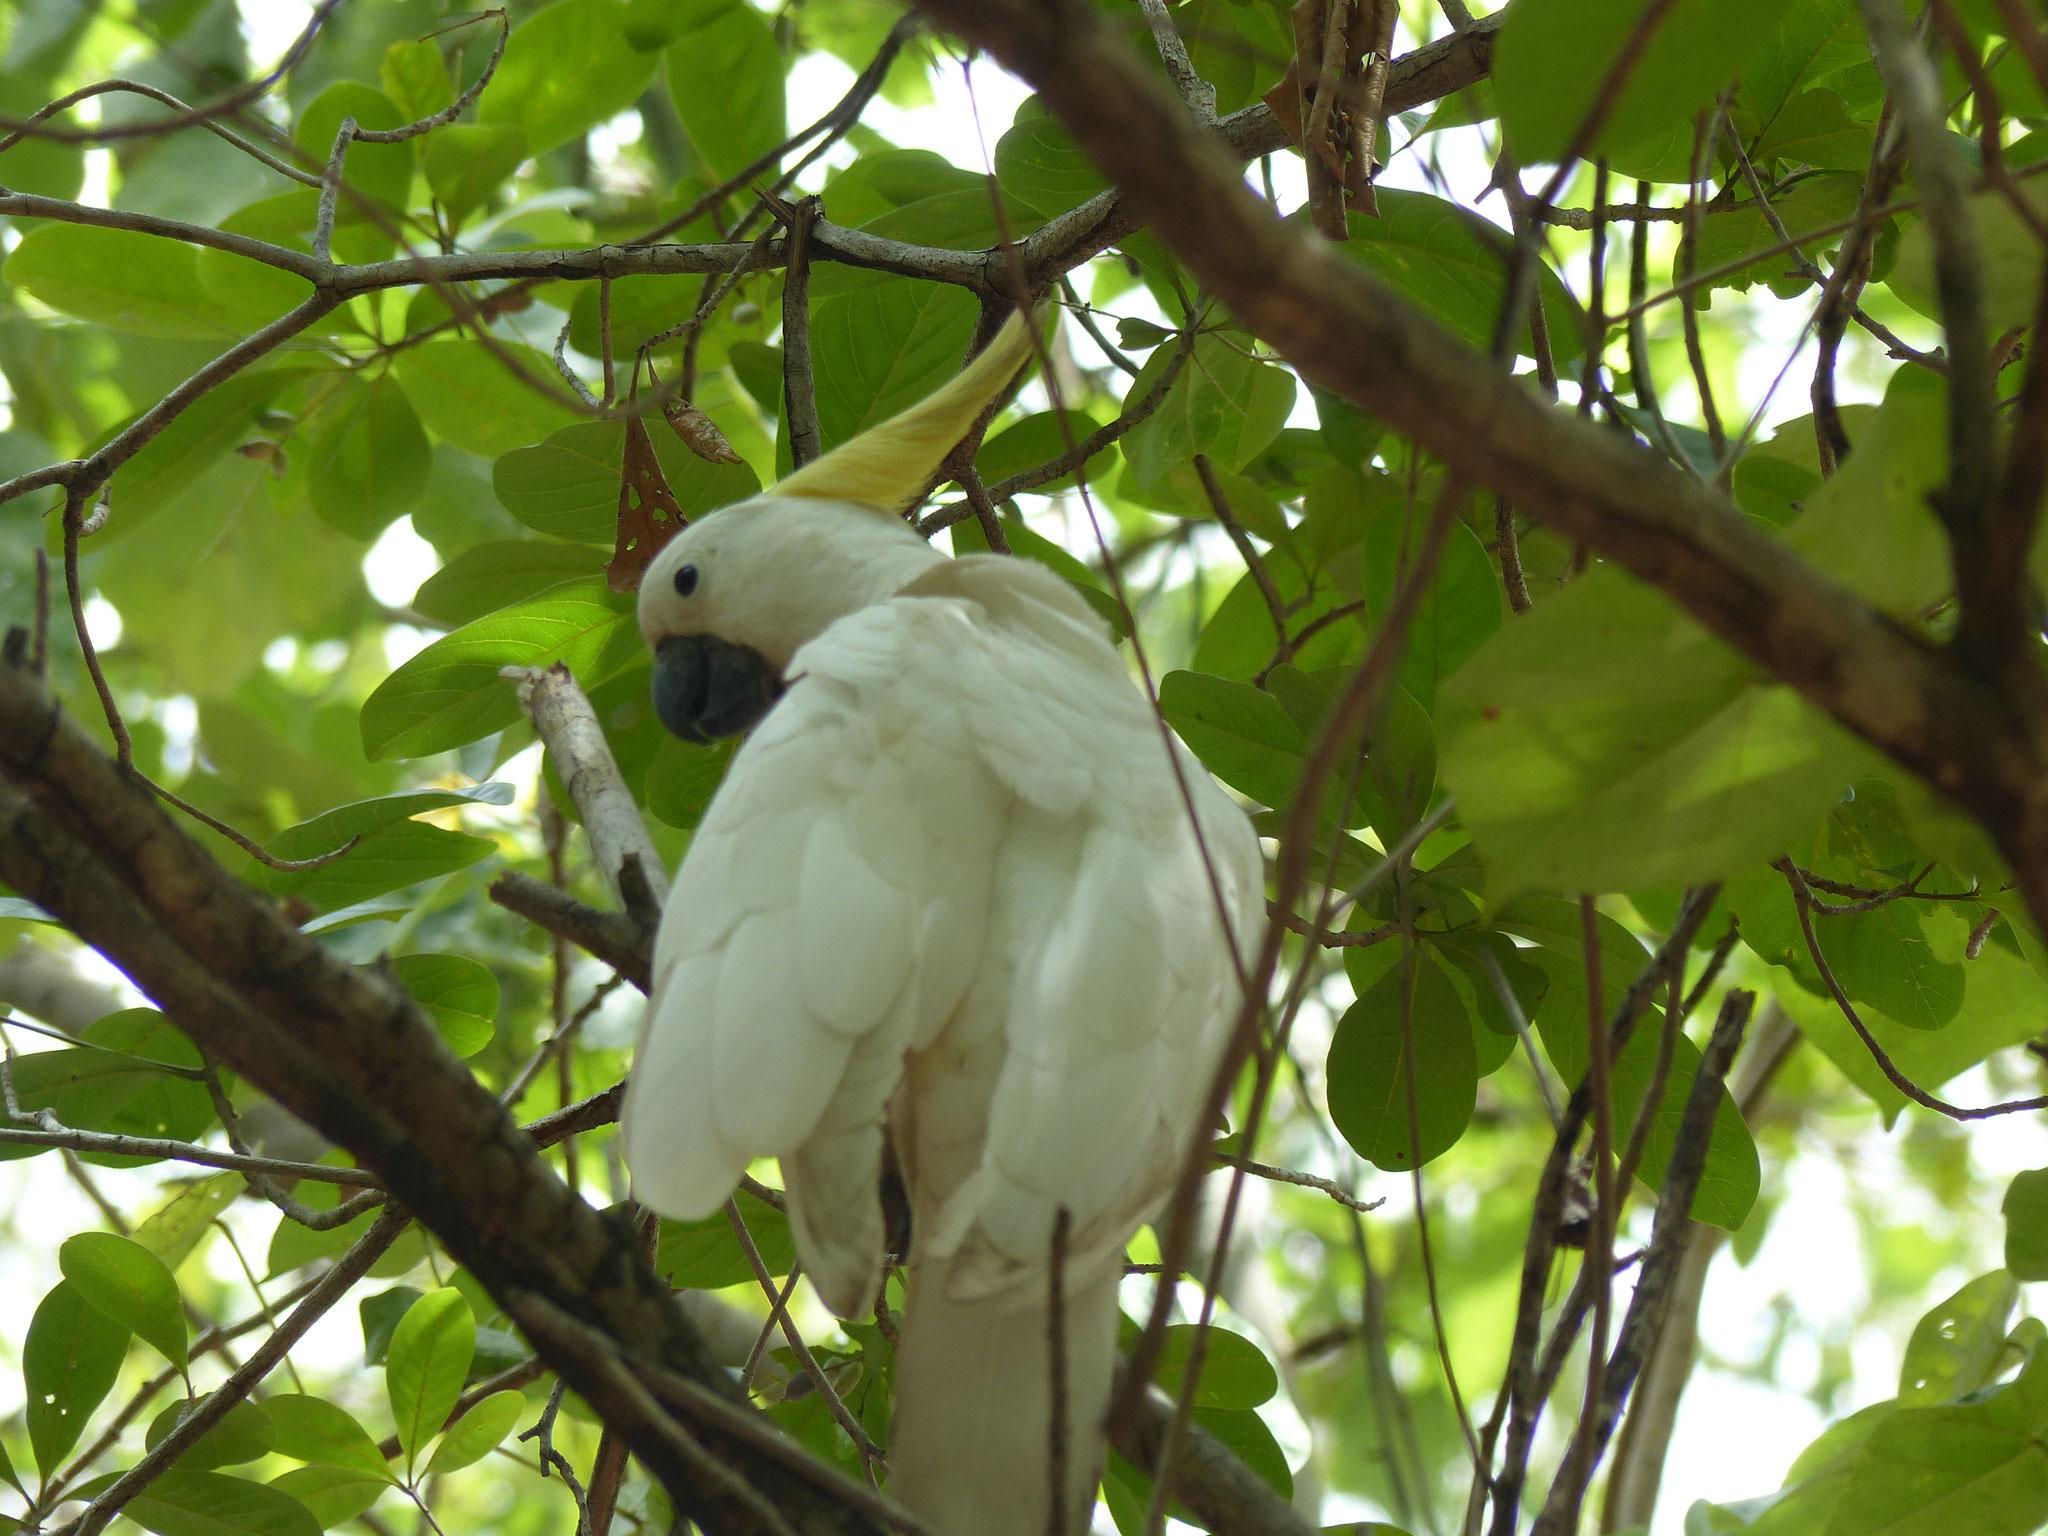 On vous présente le Cockatoo! Présent presque partout en Australie